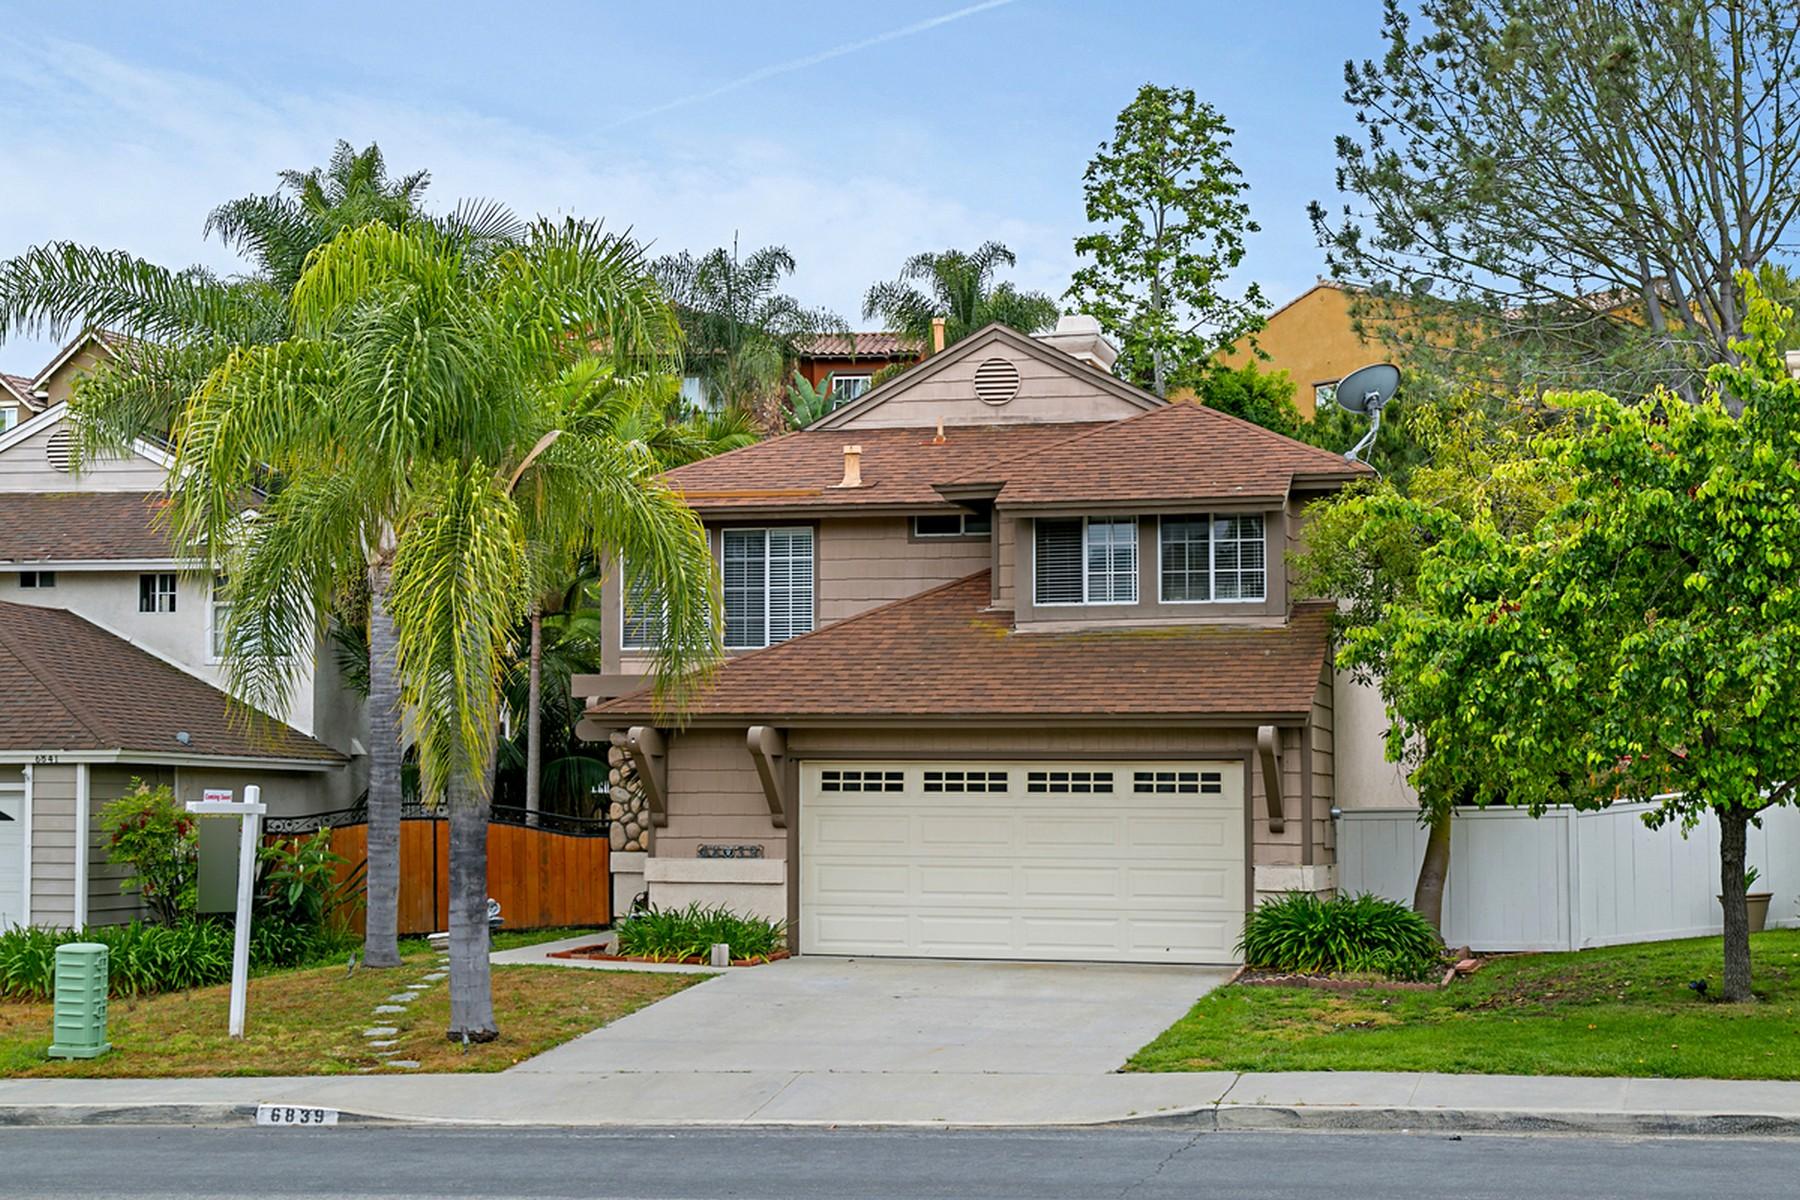 一戸建て のために 売買 アット 6839 Xana Way Carlsbad, カリフォルニア, 92009 アメリカ合衆国